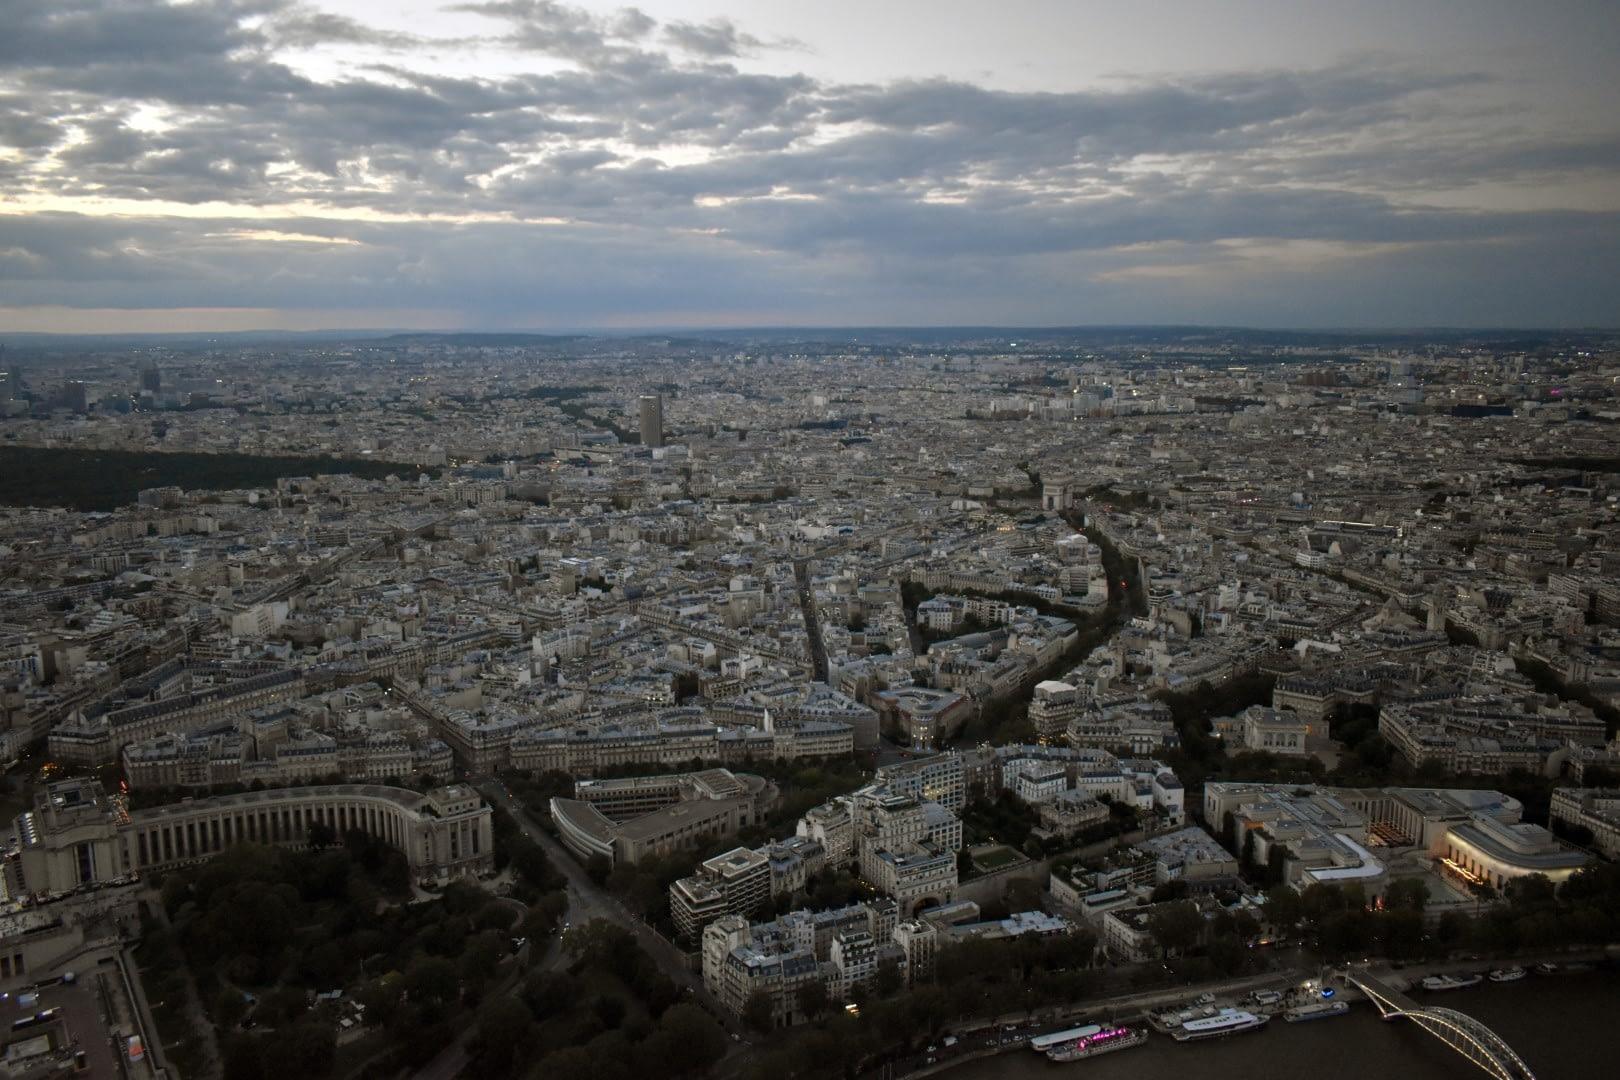 Rive droite, top of the Eiffel Tower, Paris